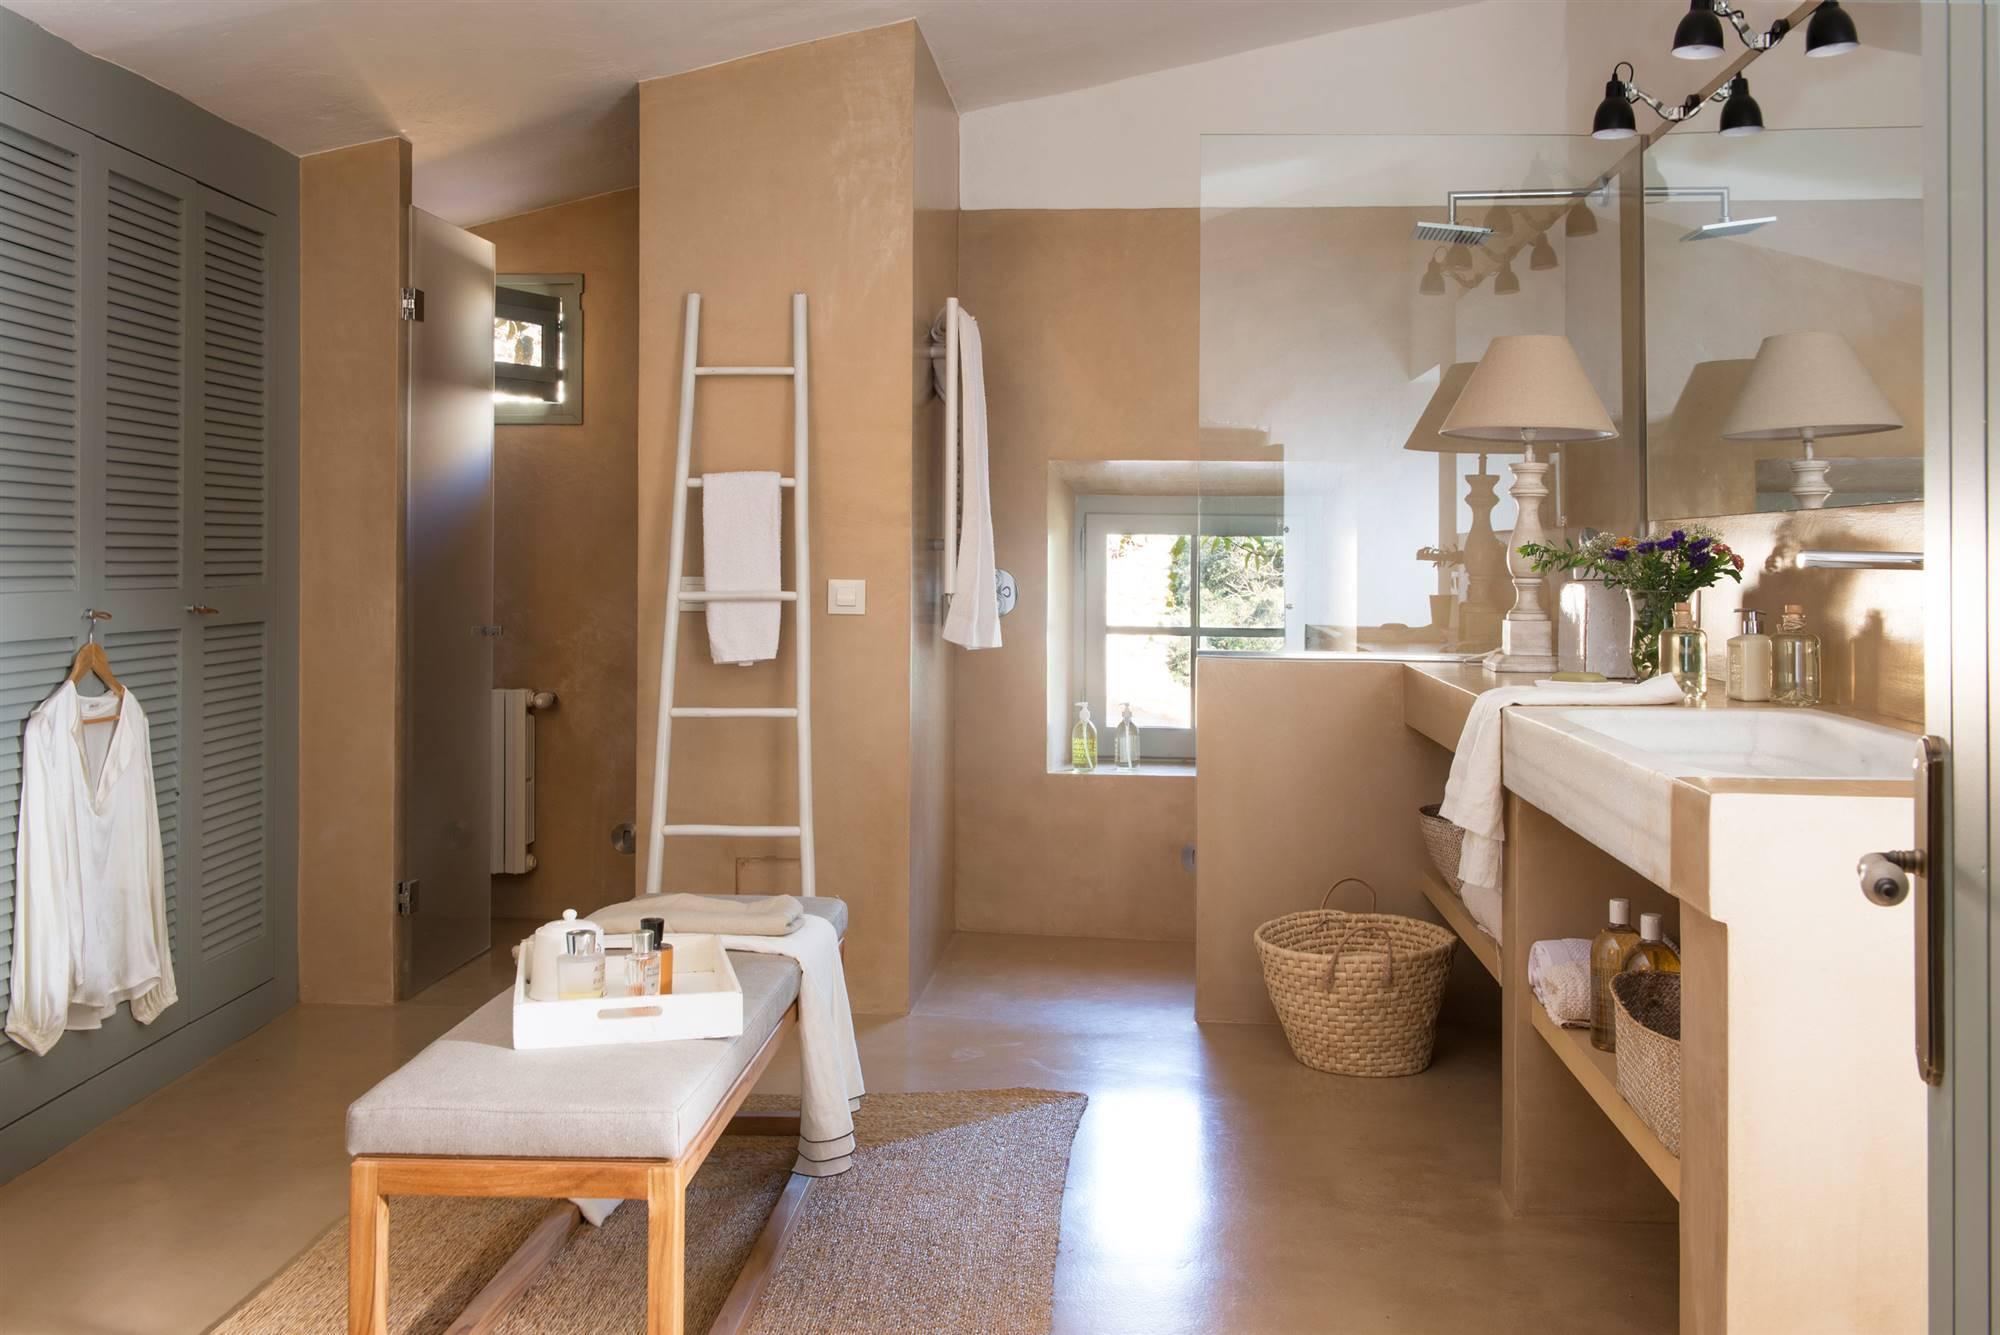 Platos de ducha a ras de suelo - Suelos de bano ...